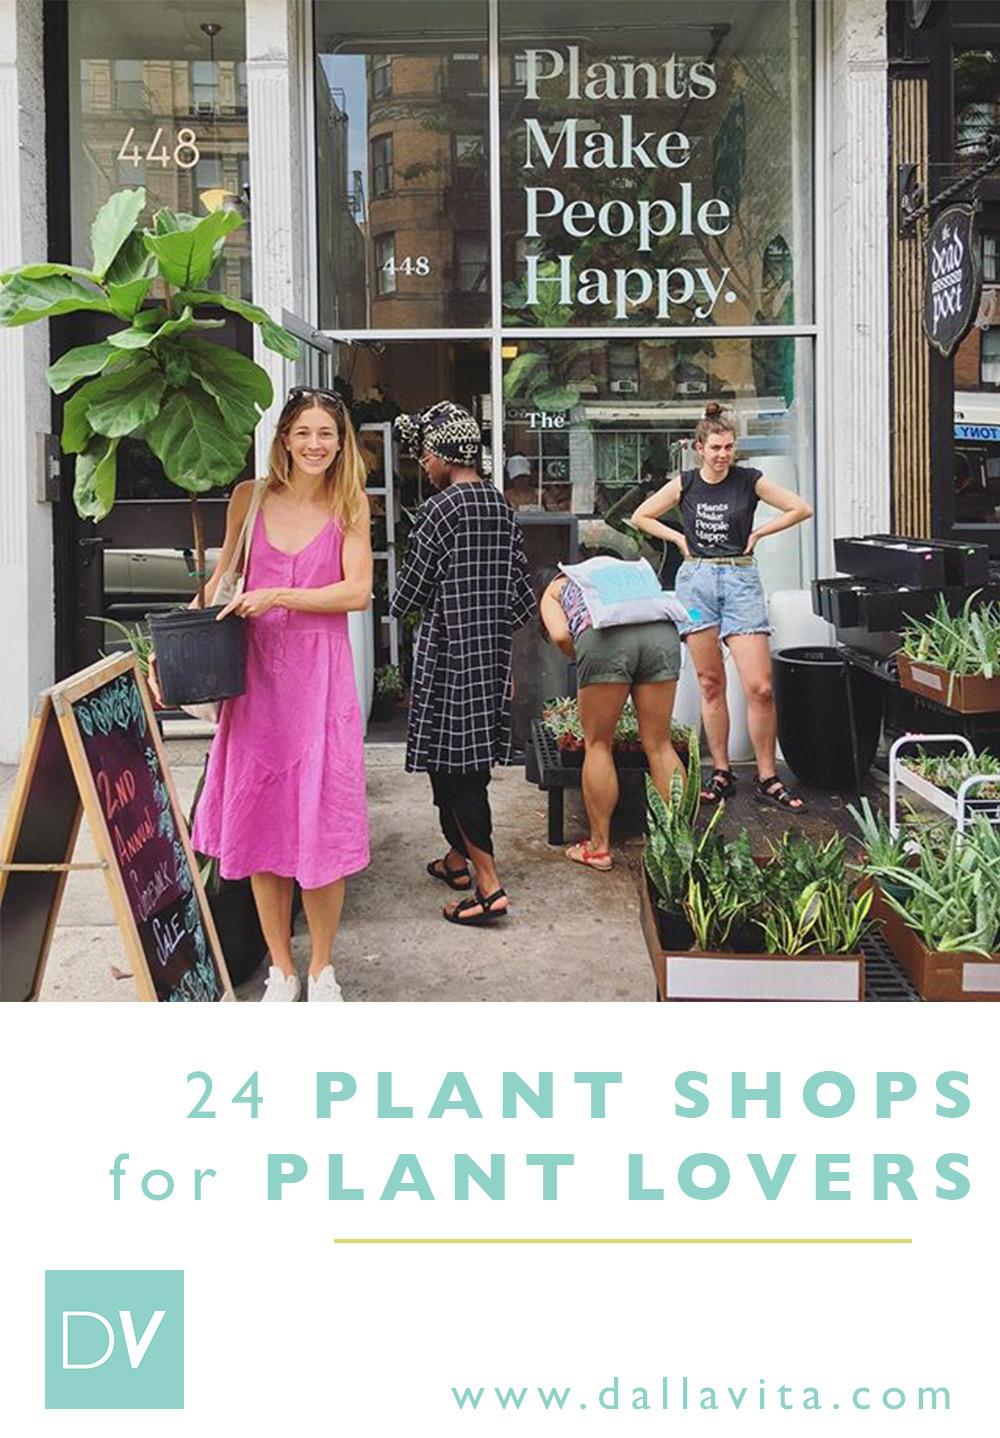 24 Plant Shops for Plant Lovers - Dalla Vita